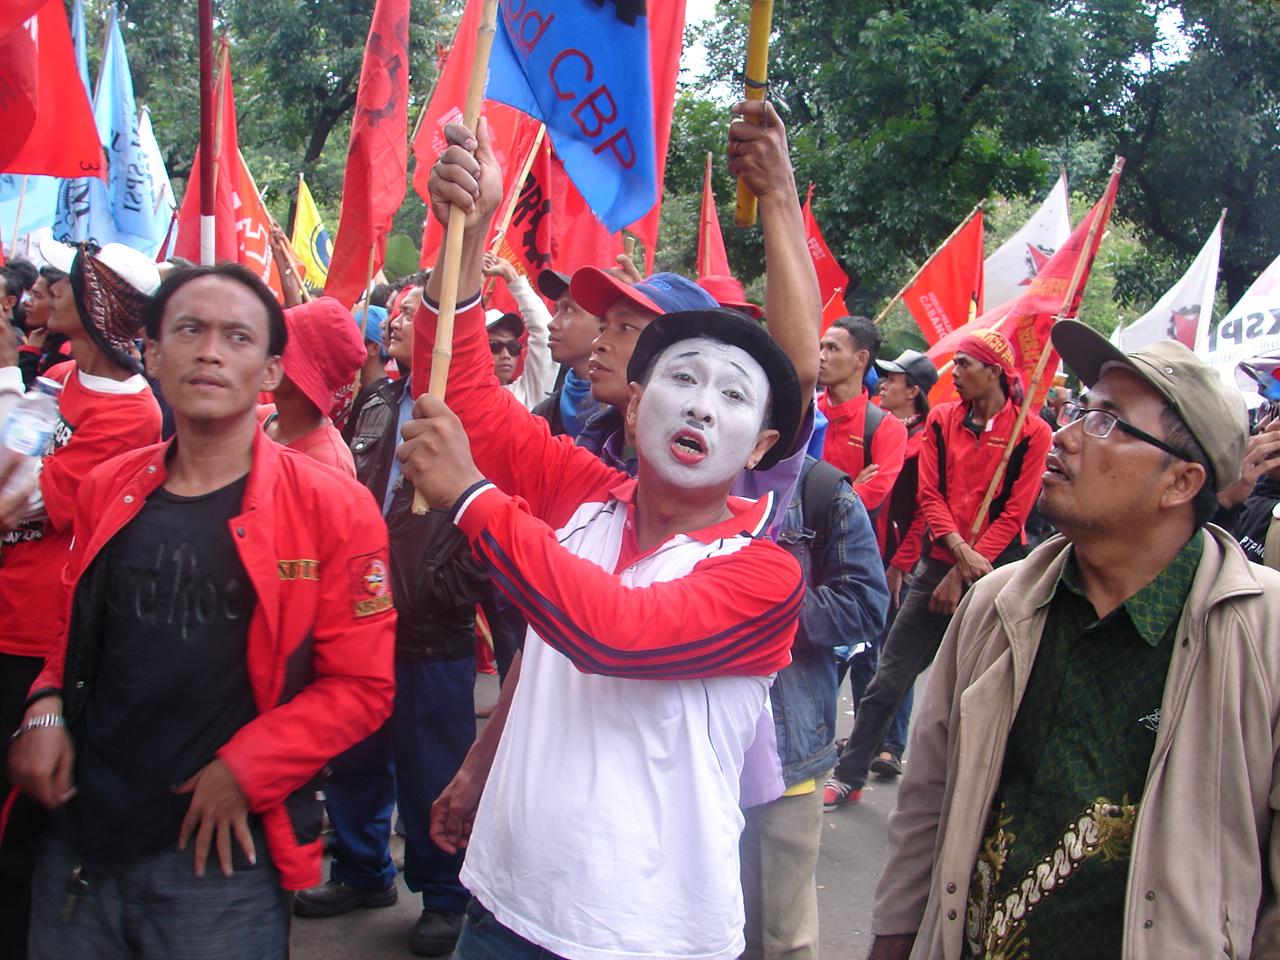 Indonesien: Arbeiter*innen fordern das Ende von Outsourcing Praktiken. Protest vor dem Büro des Gouverneurs von Jakarta während des Generalstreiks von 2013 © LIPS – Sedan Labour Information Centre